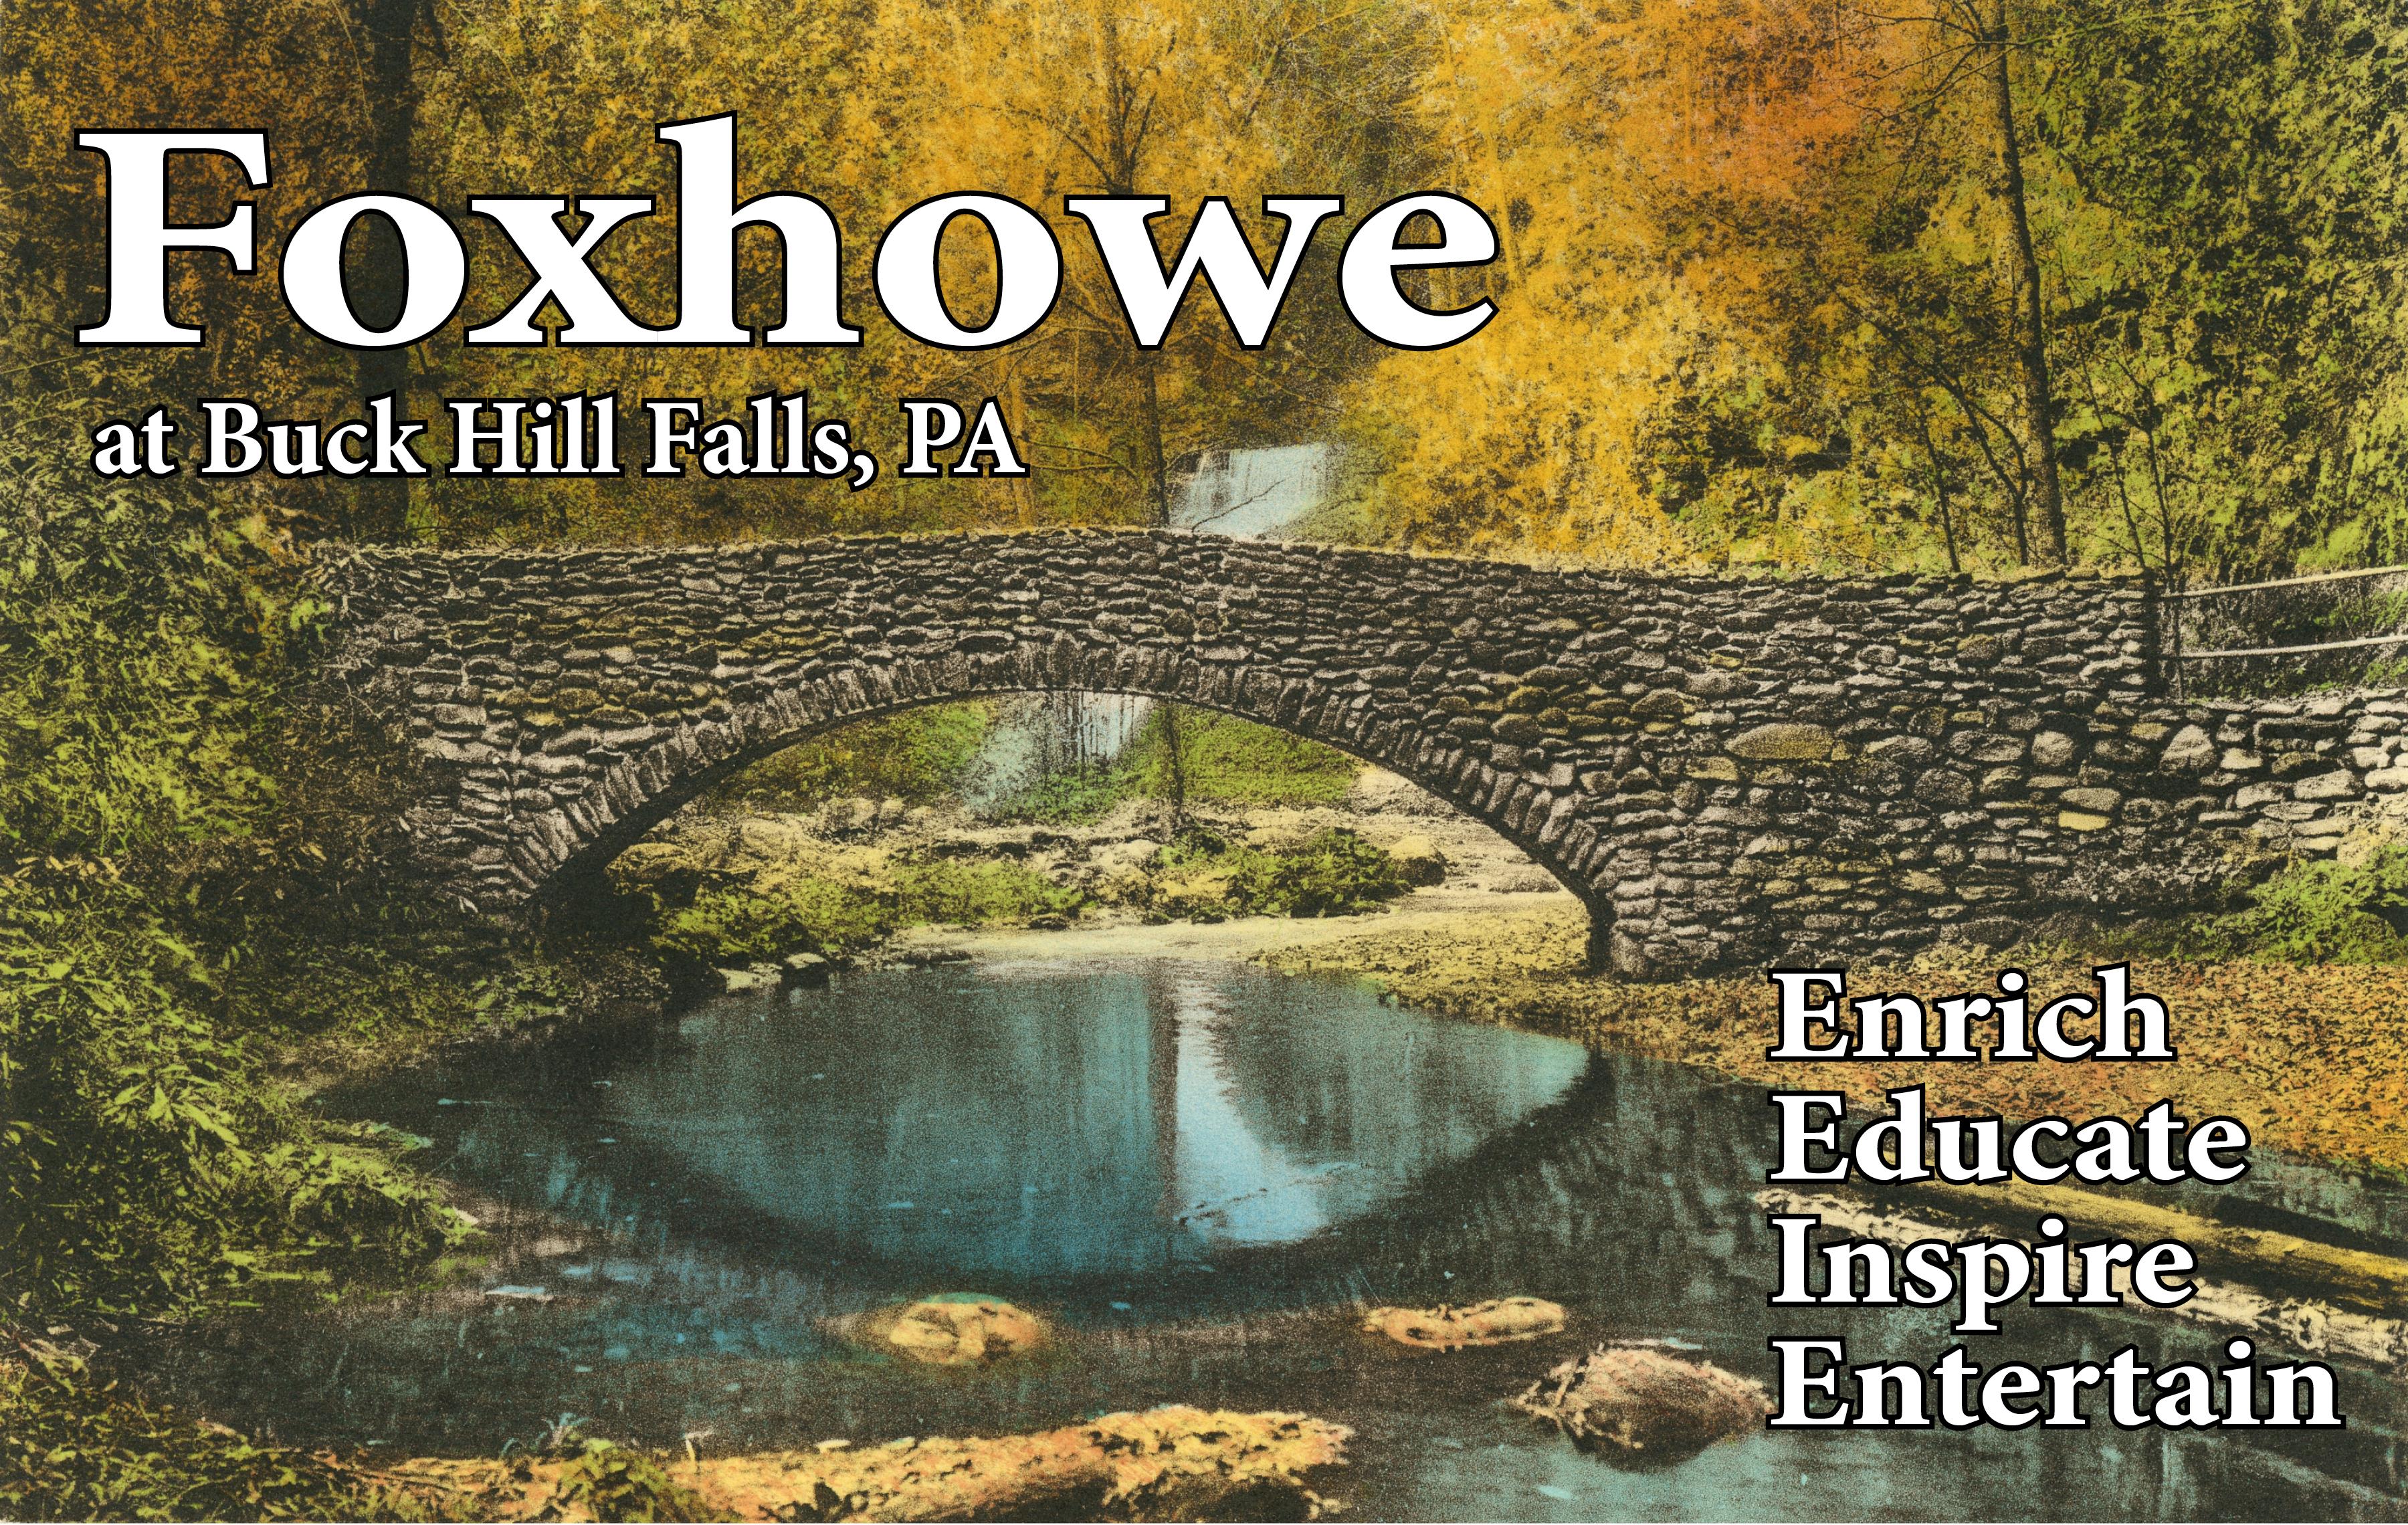 foxhowe home photo